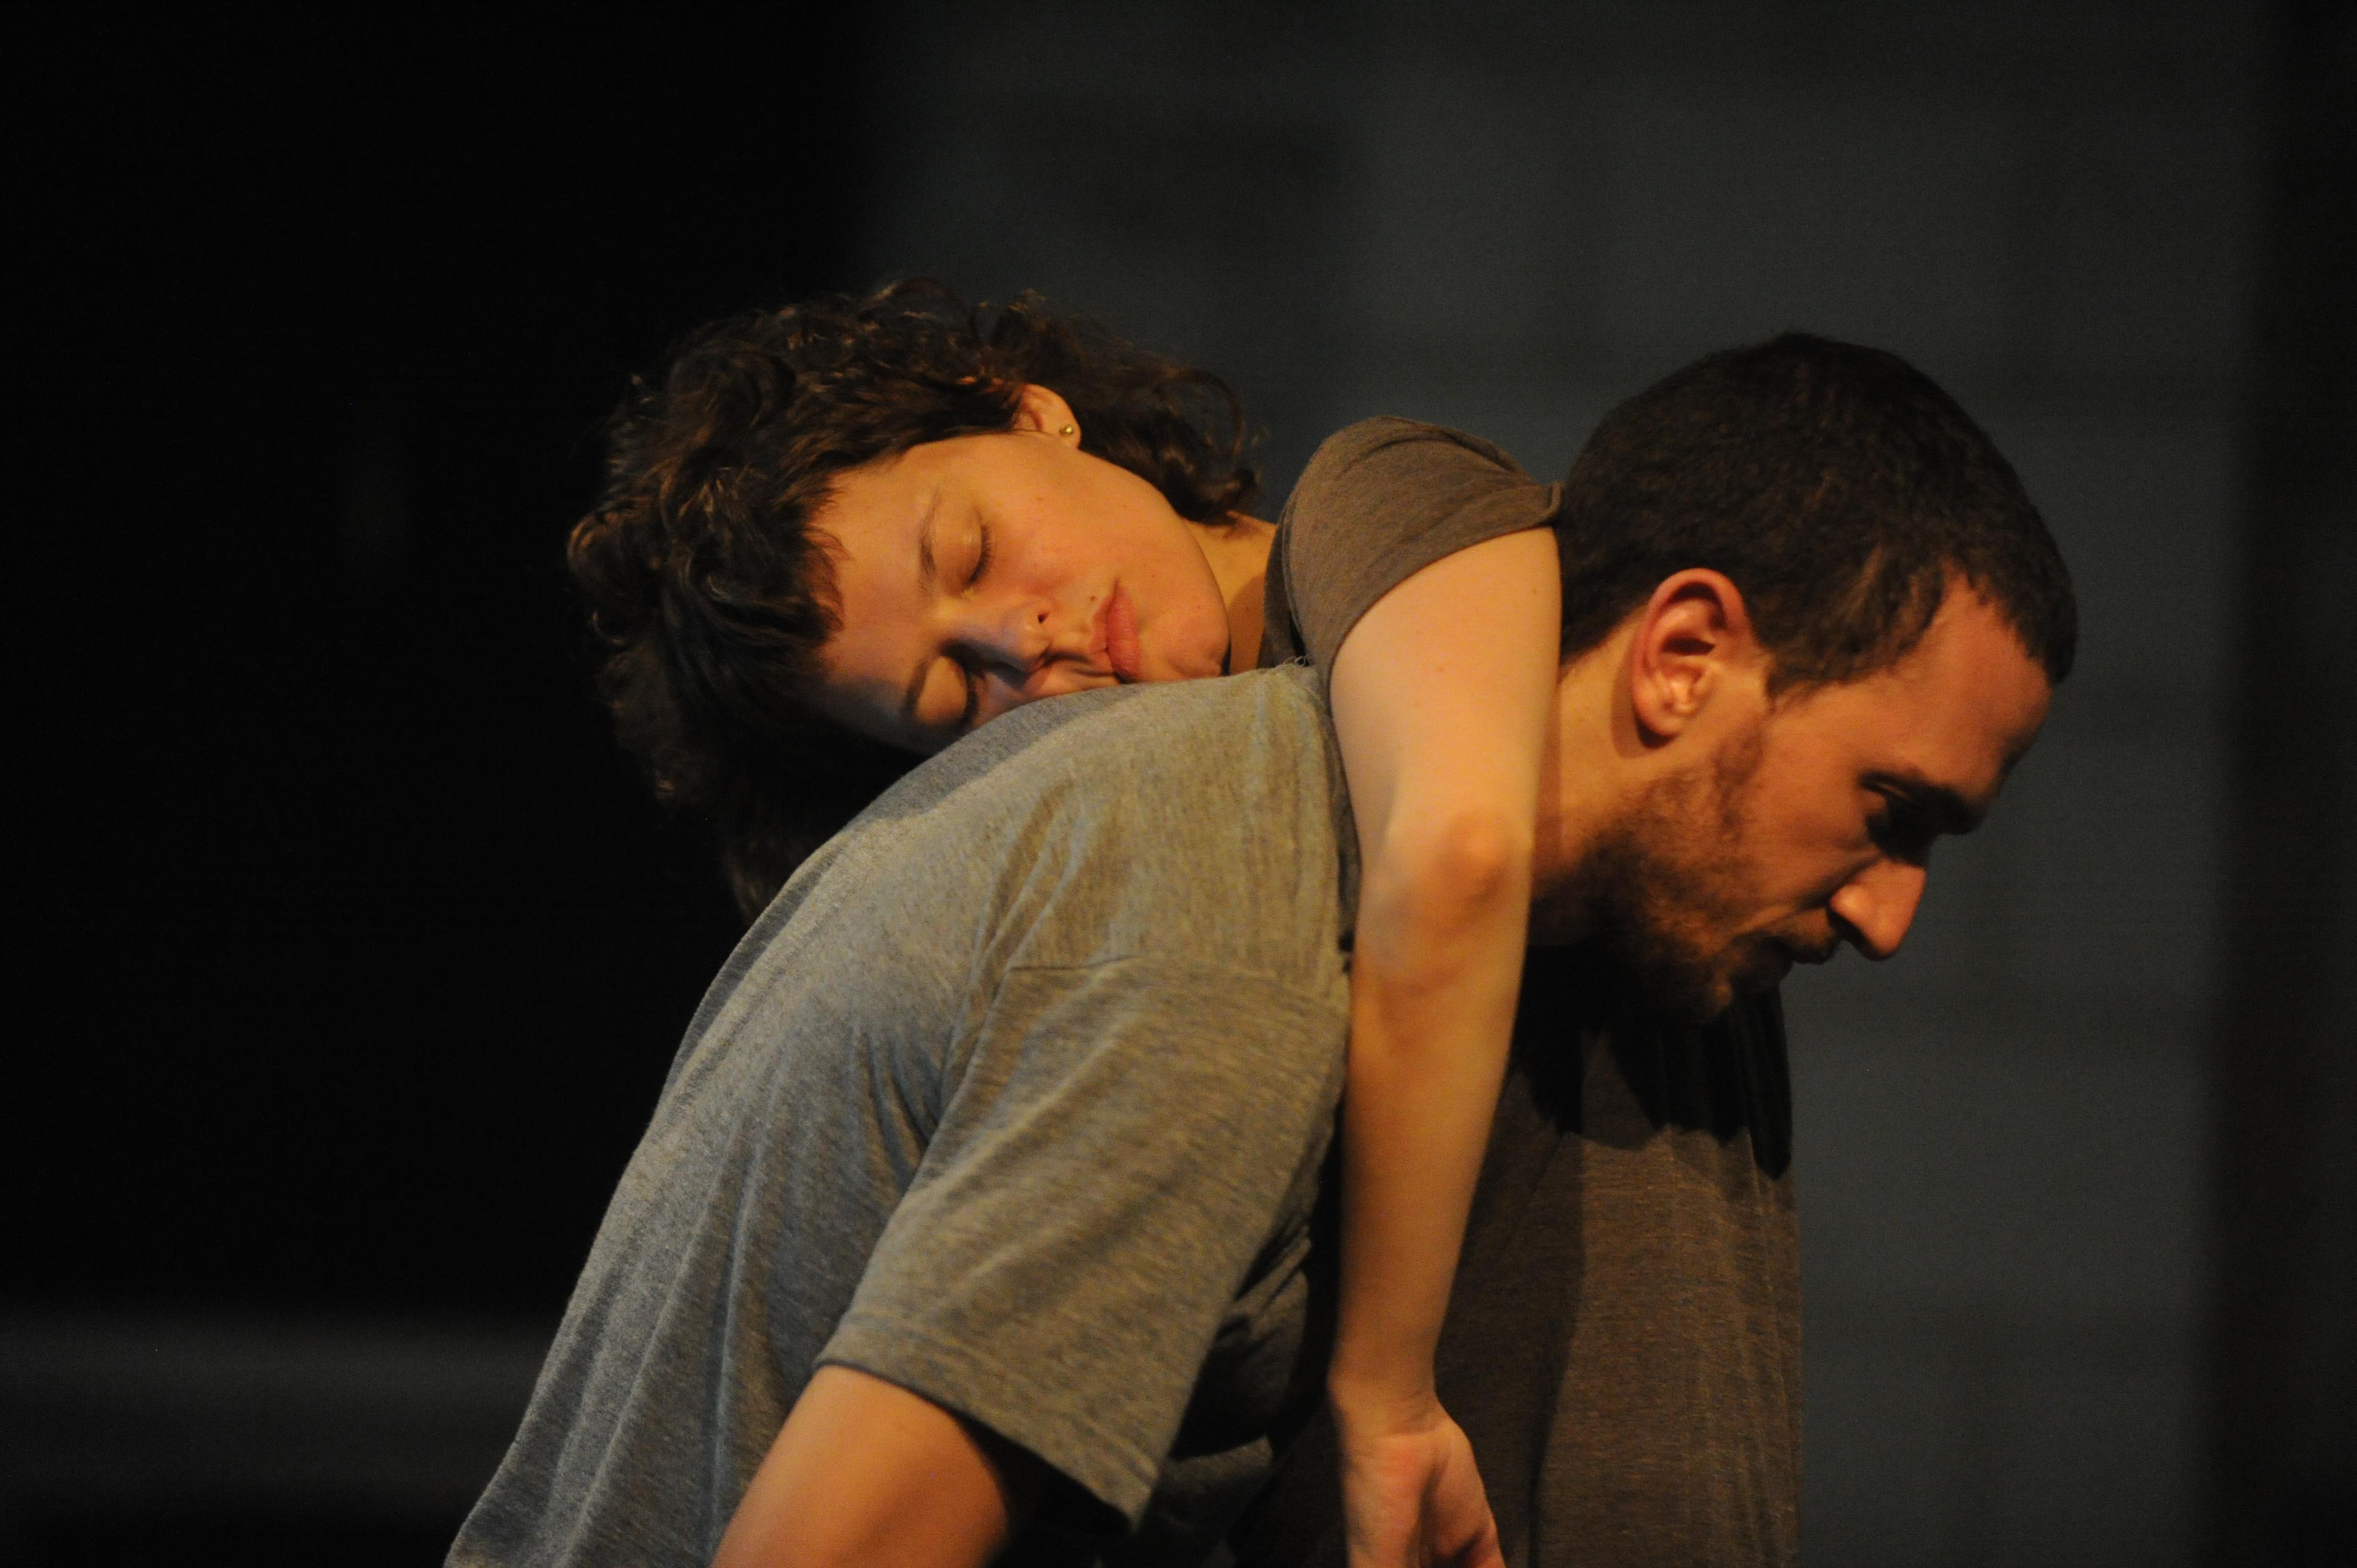 http://www.danzaurbana.eu/associazione/wp-content/uploads/2018/05/Masdanza_J_Kerer_2015.jpg